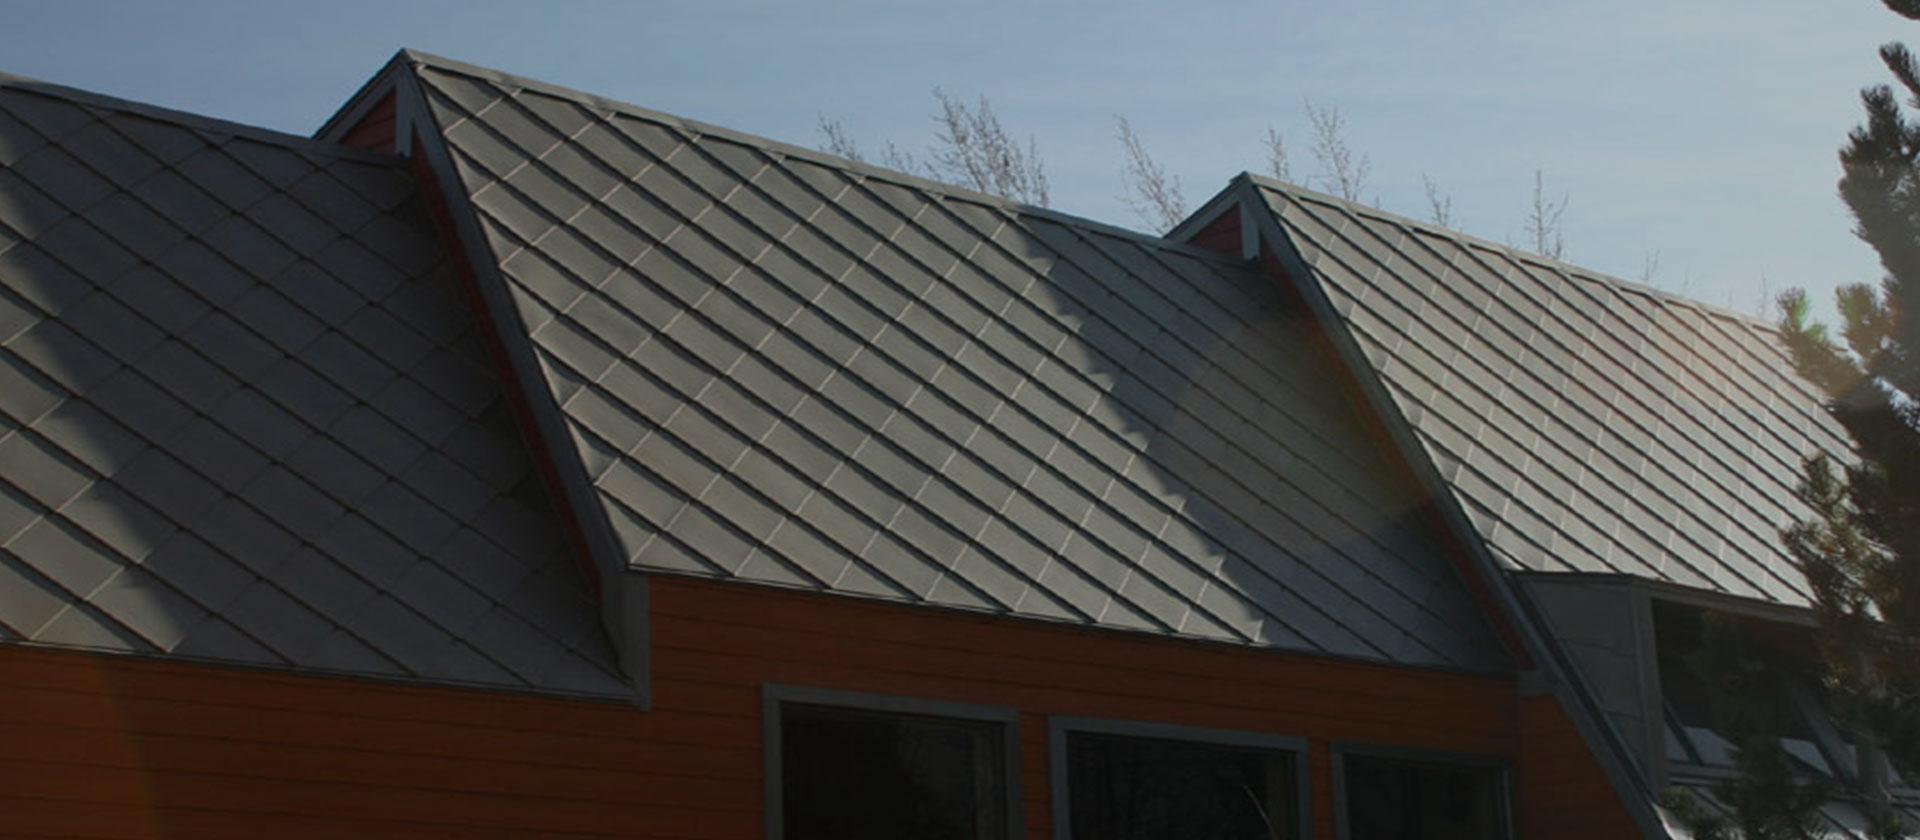 Stampin marek metal shingle zincalume - Material para tejados ...